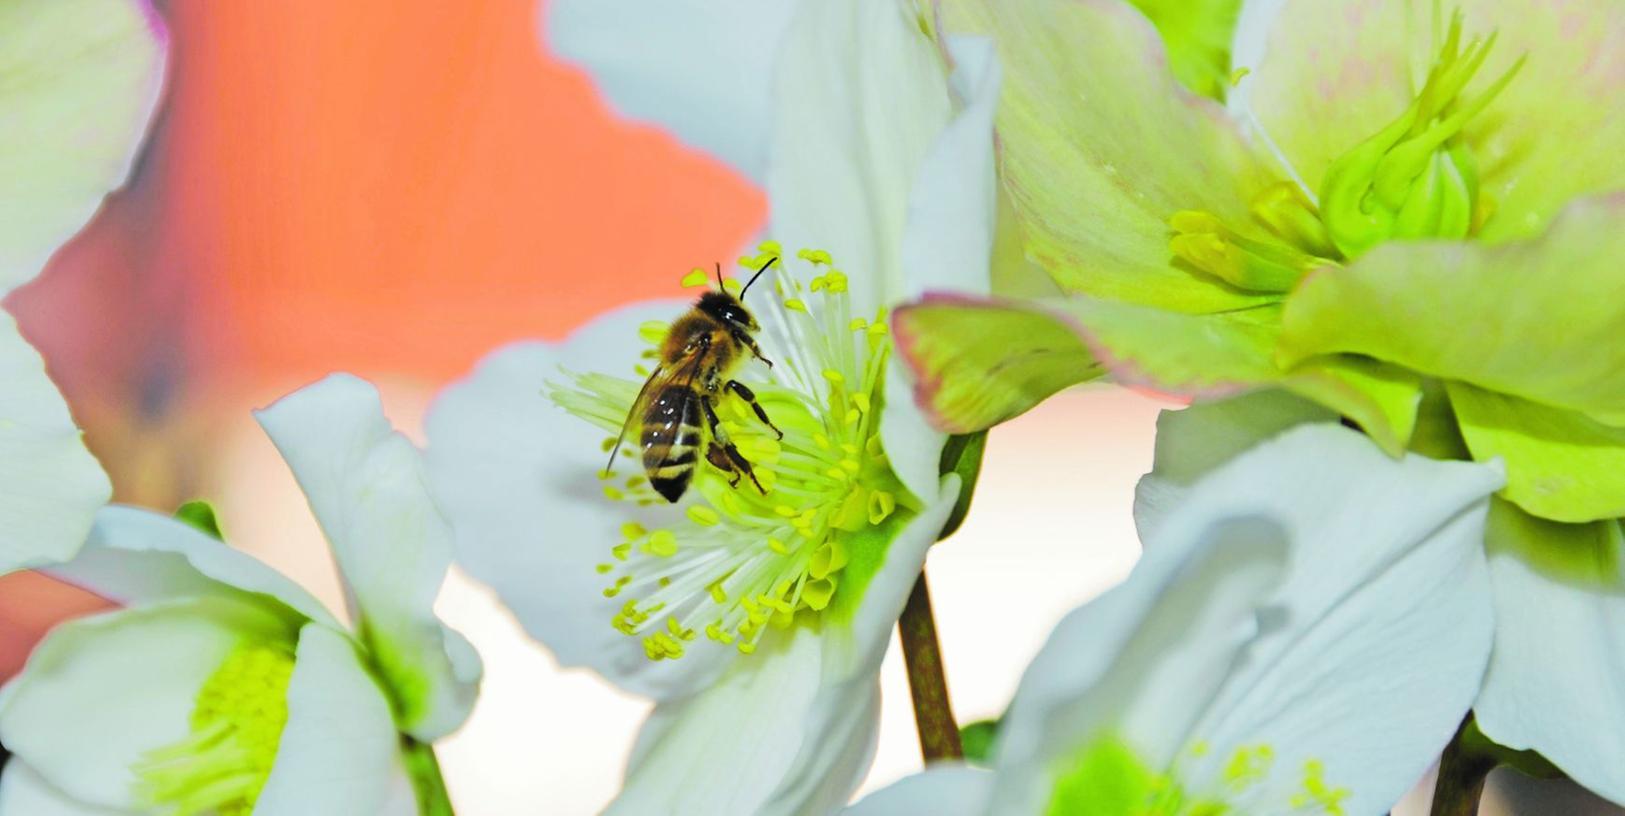 Der Frühling im Winter lockt bereits die ersten Bienen in die Gärten. Dieses Foto entstand vergangene Woche. Doch der Schein trügt: Die Gefährdung für Bienen wächst.